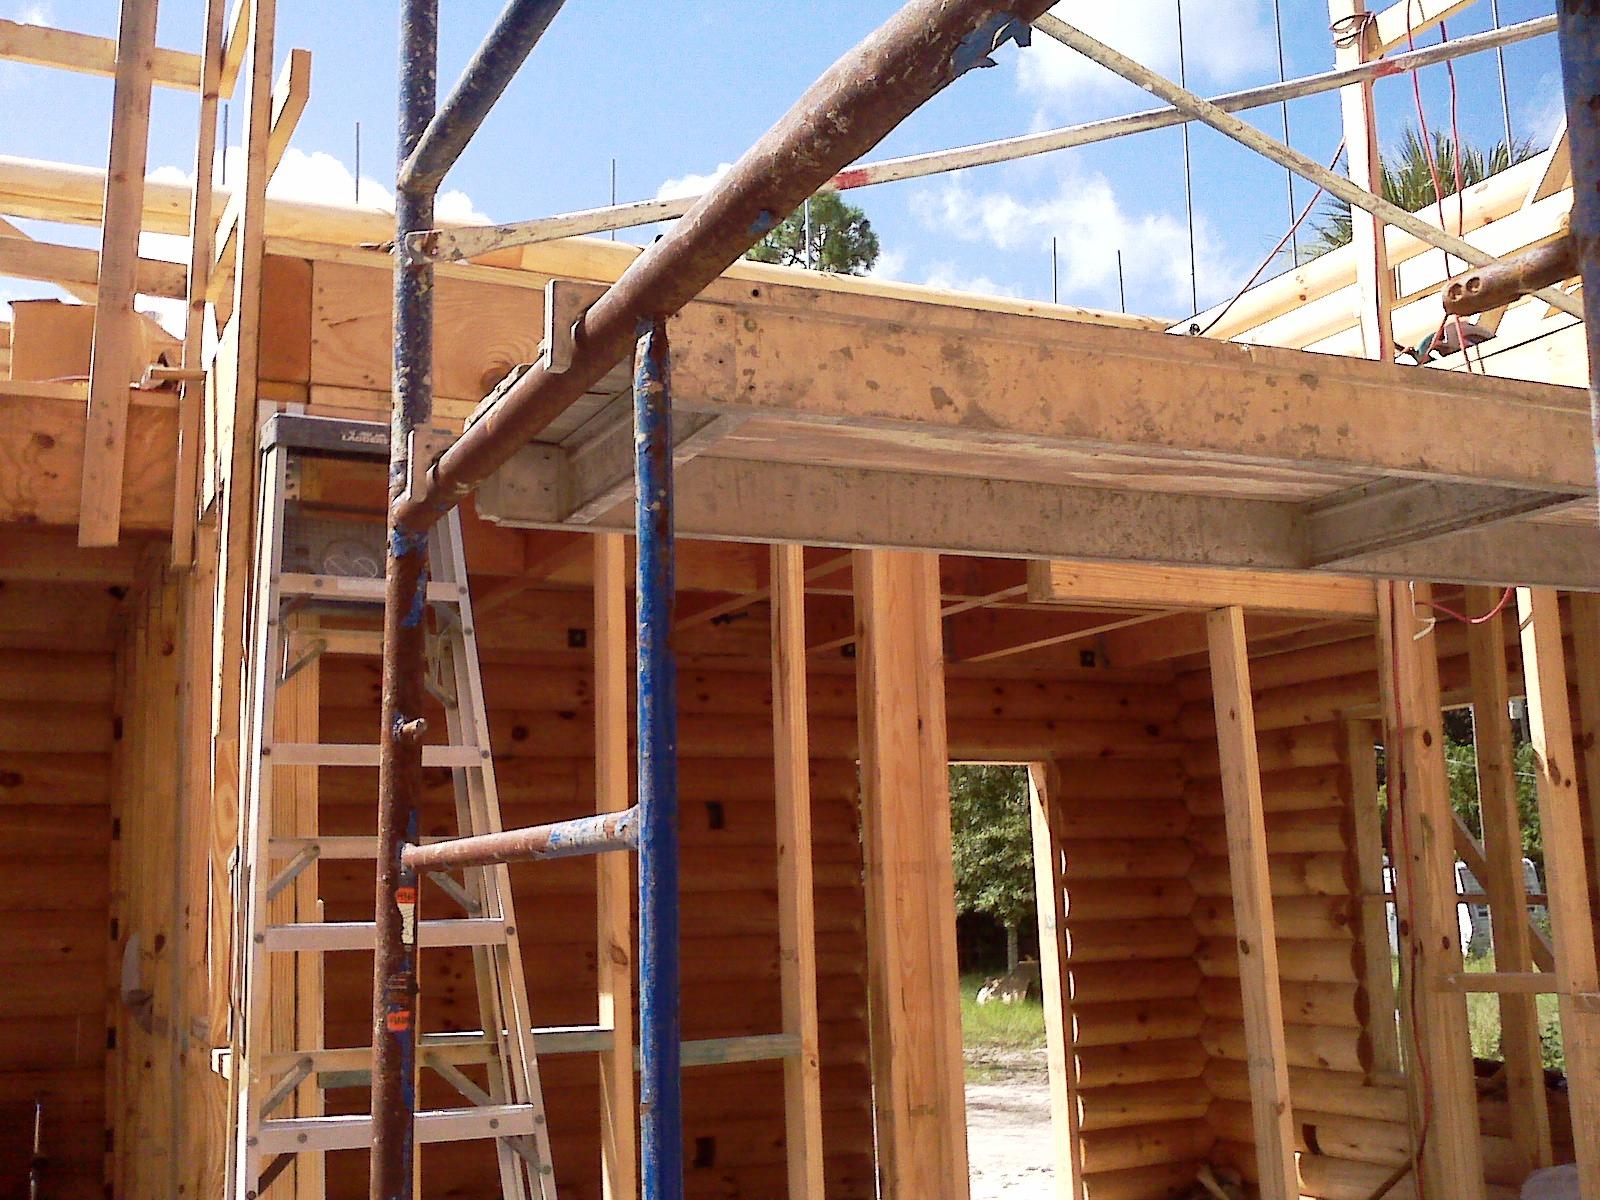 Log Cabin in Progress